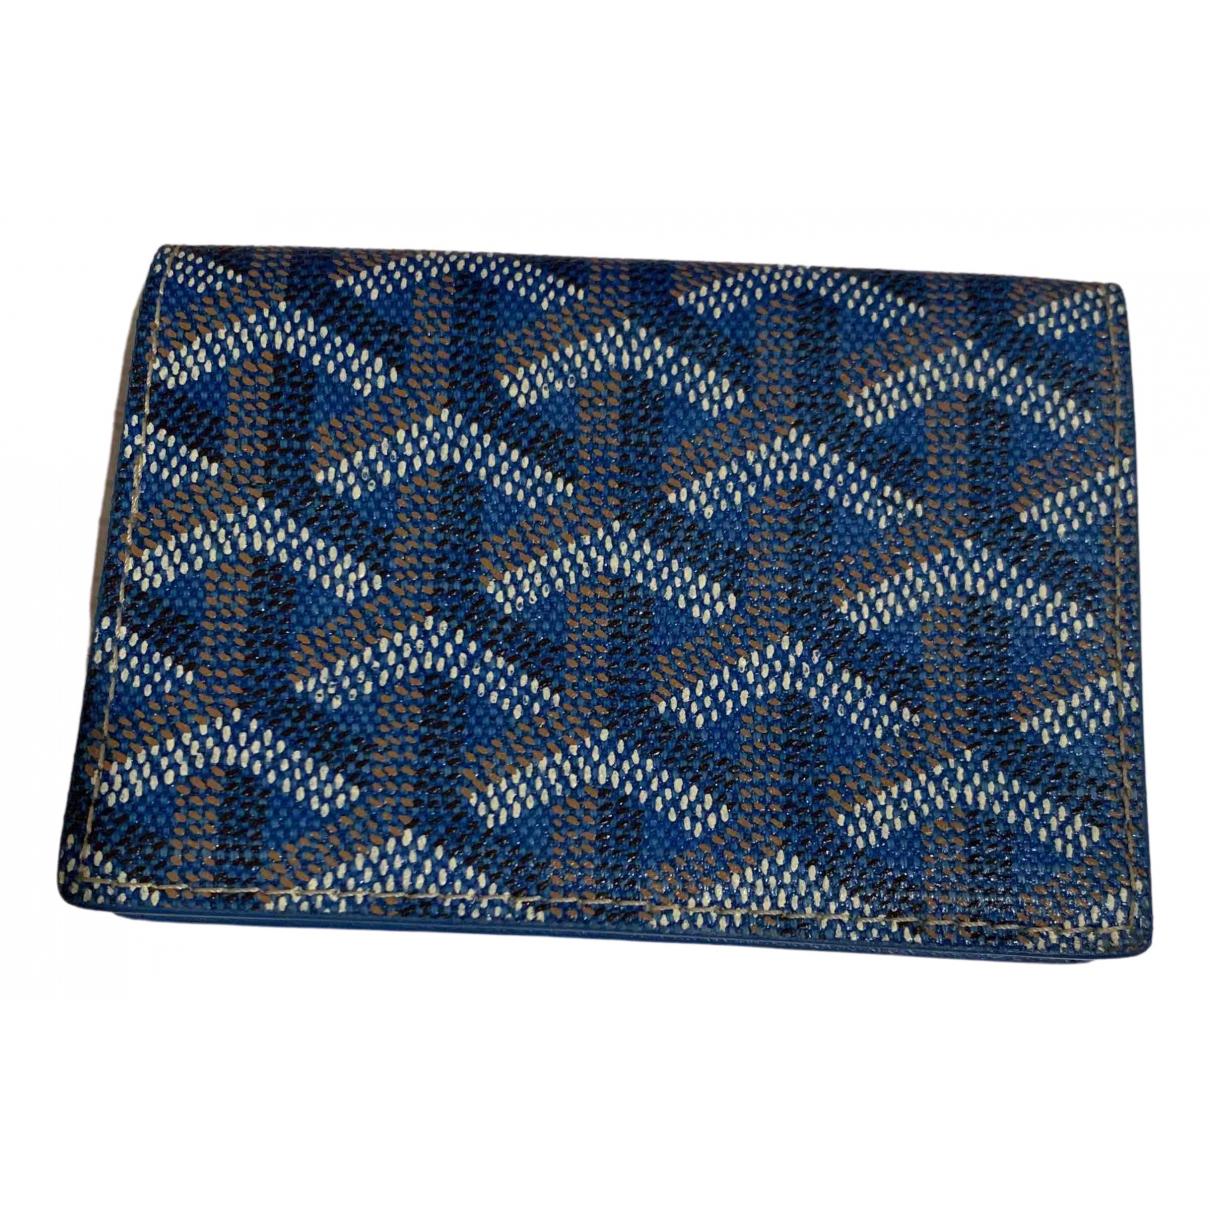 Goyard - Petite maroquinerie Malesherbes pour homme en cuir - bleu